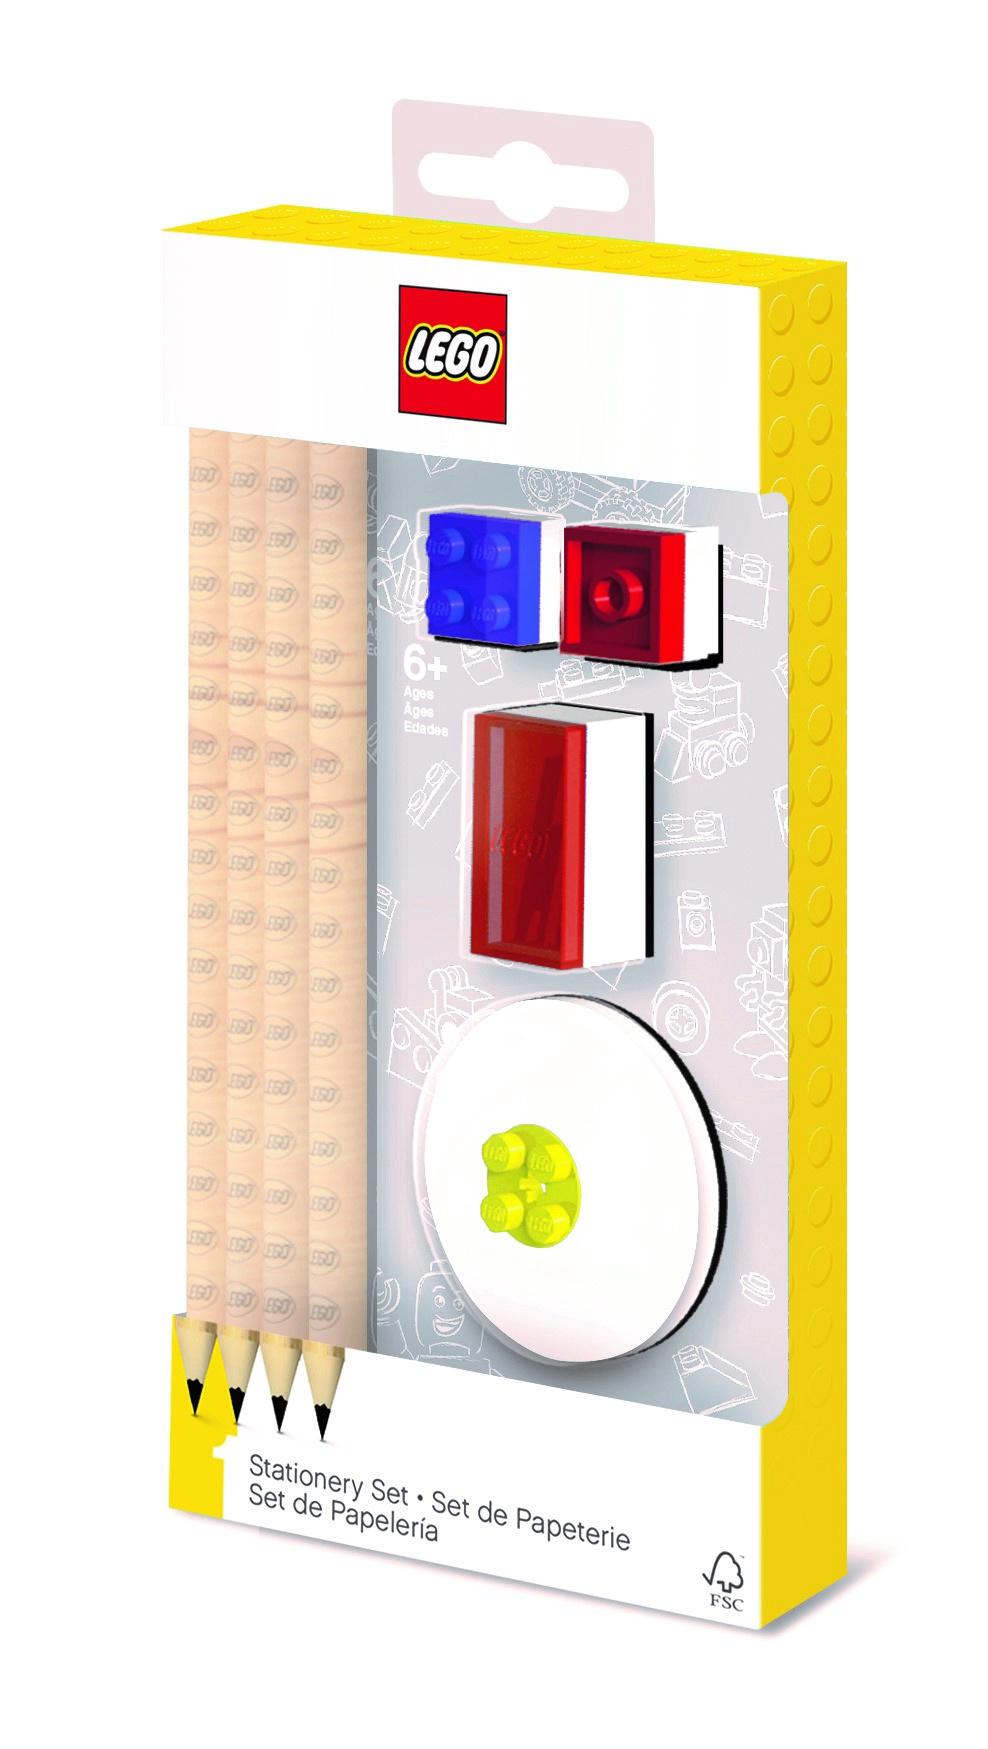 Набор канцелярский: 4 карандаша, 2 насадки, 1 точилка, 1 ластик. LEGO